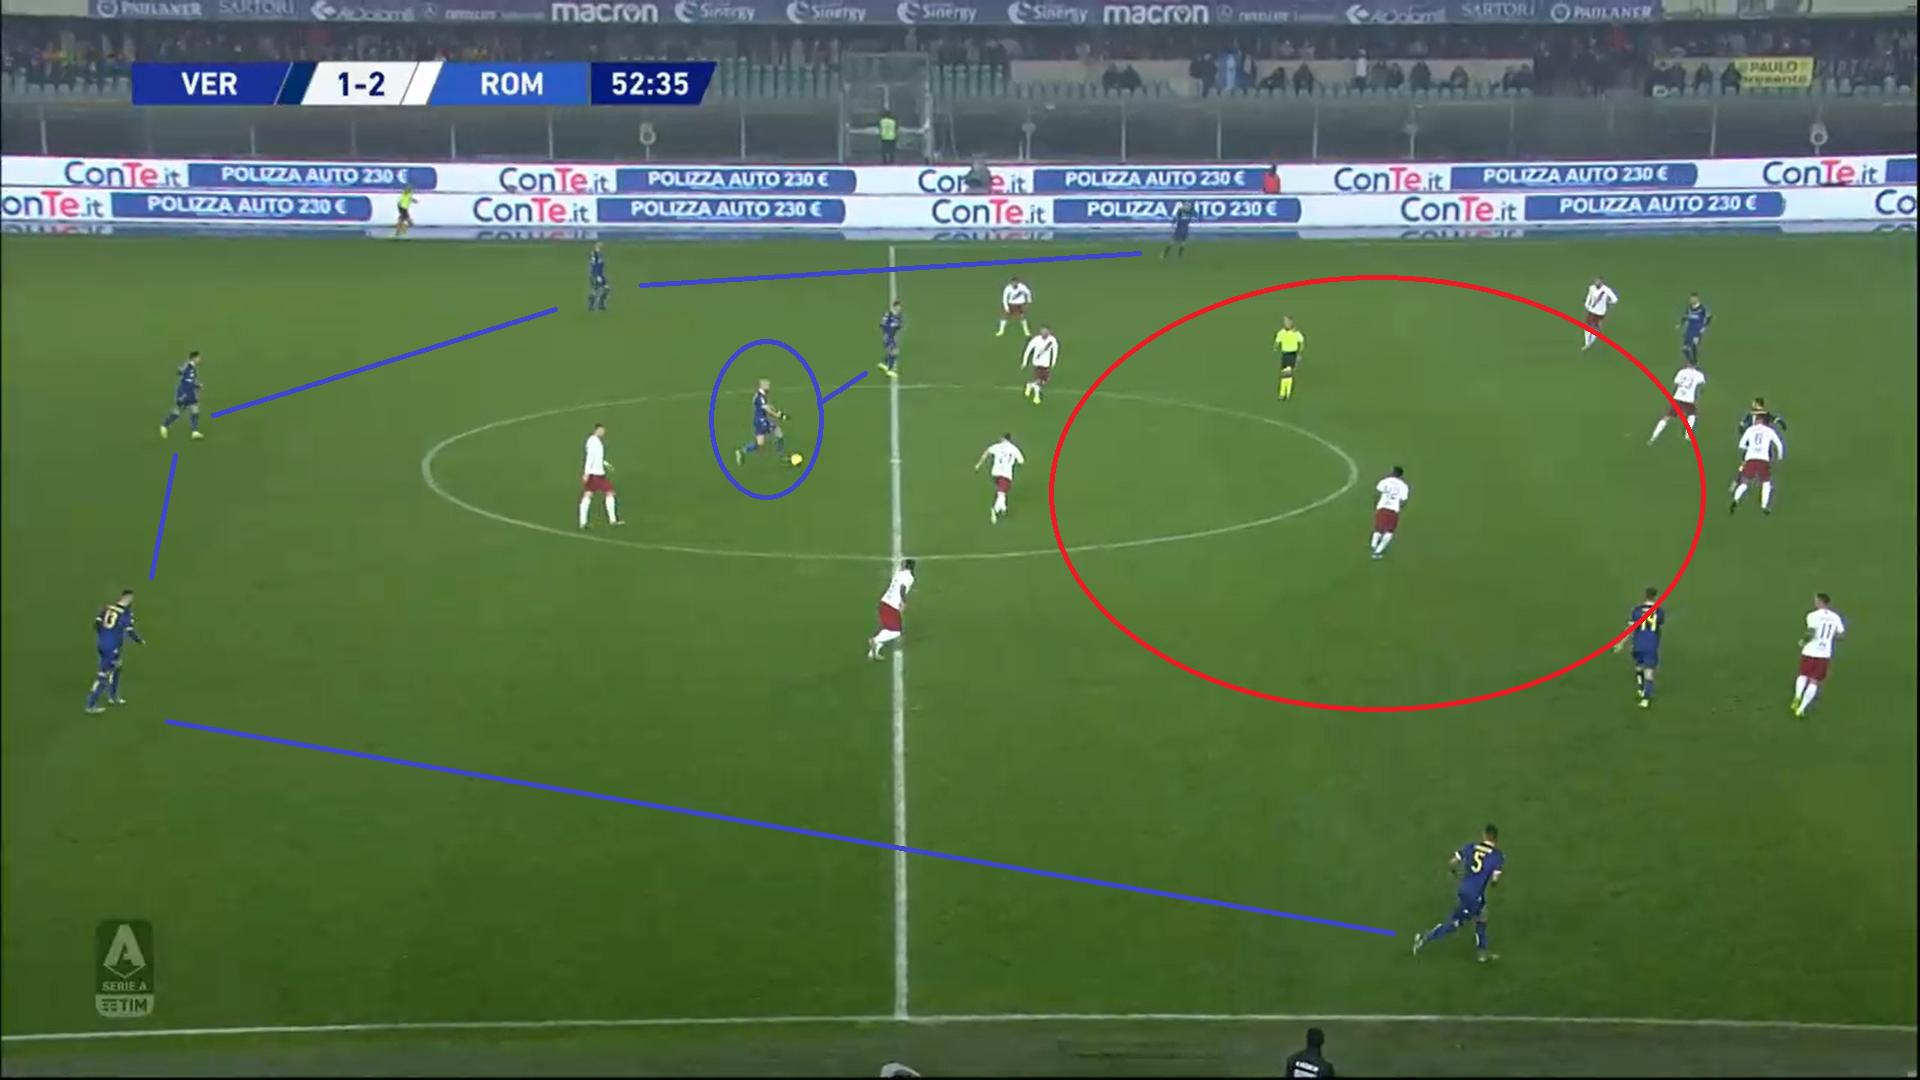 Serie A 2019/20: Verona vs Roma - tactical analysis tactics